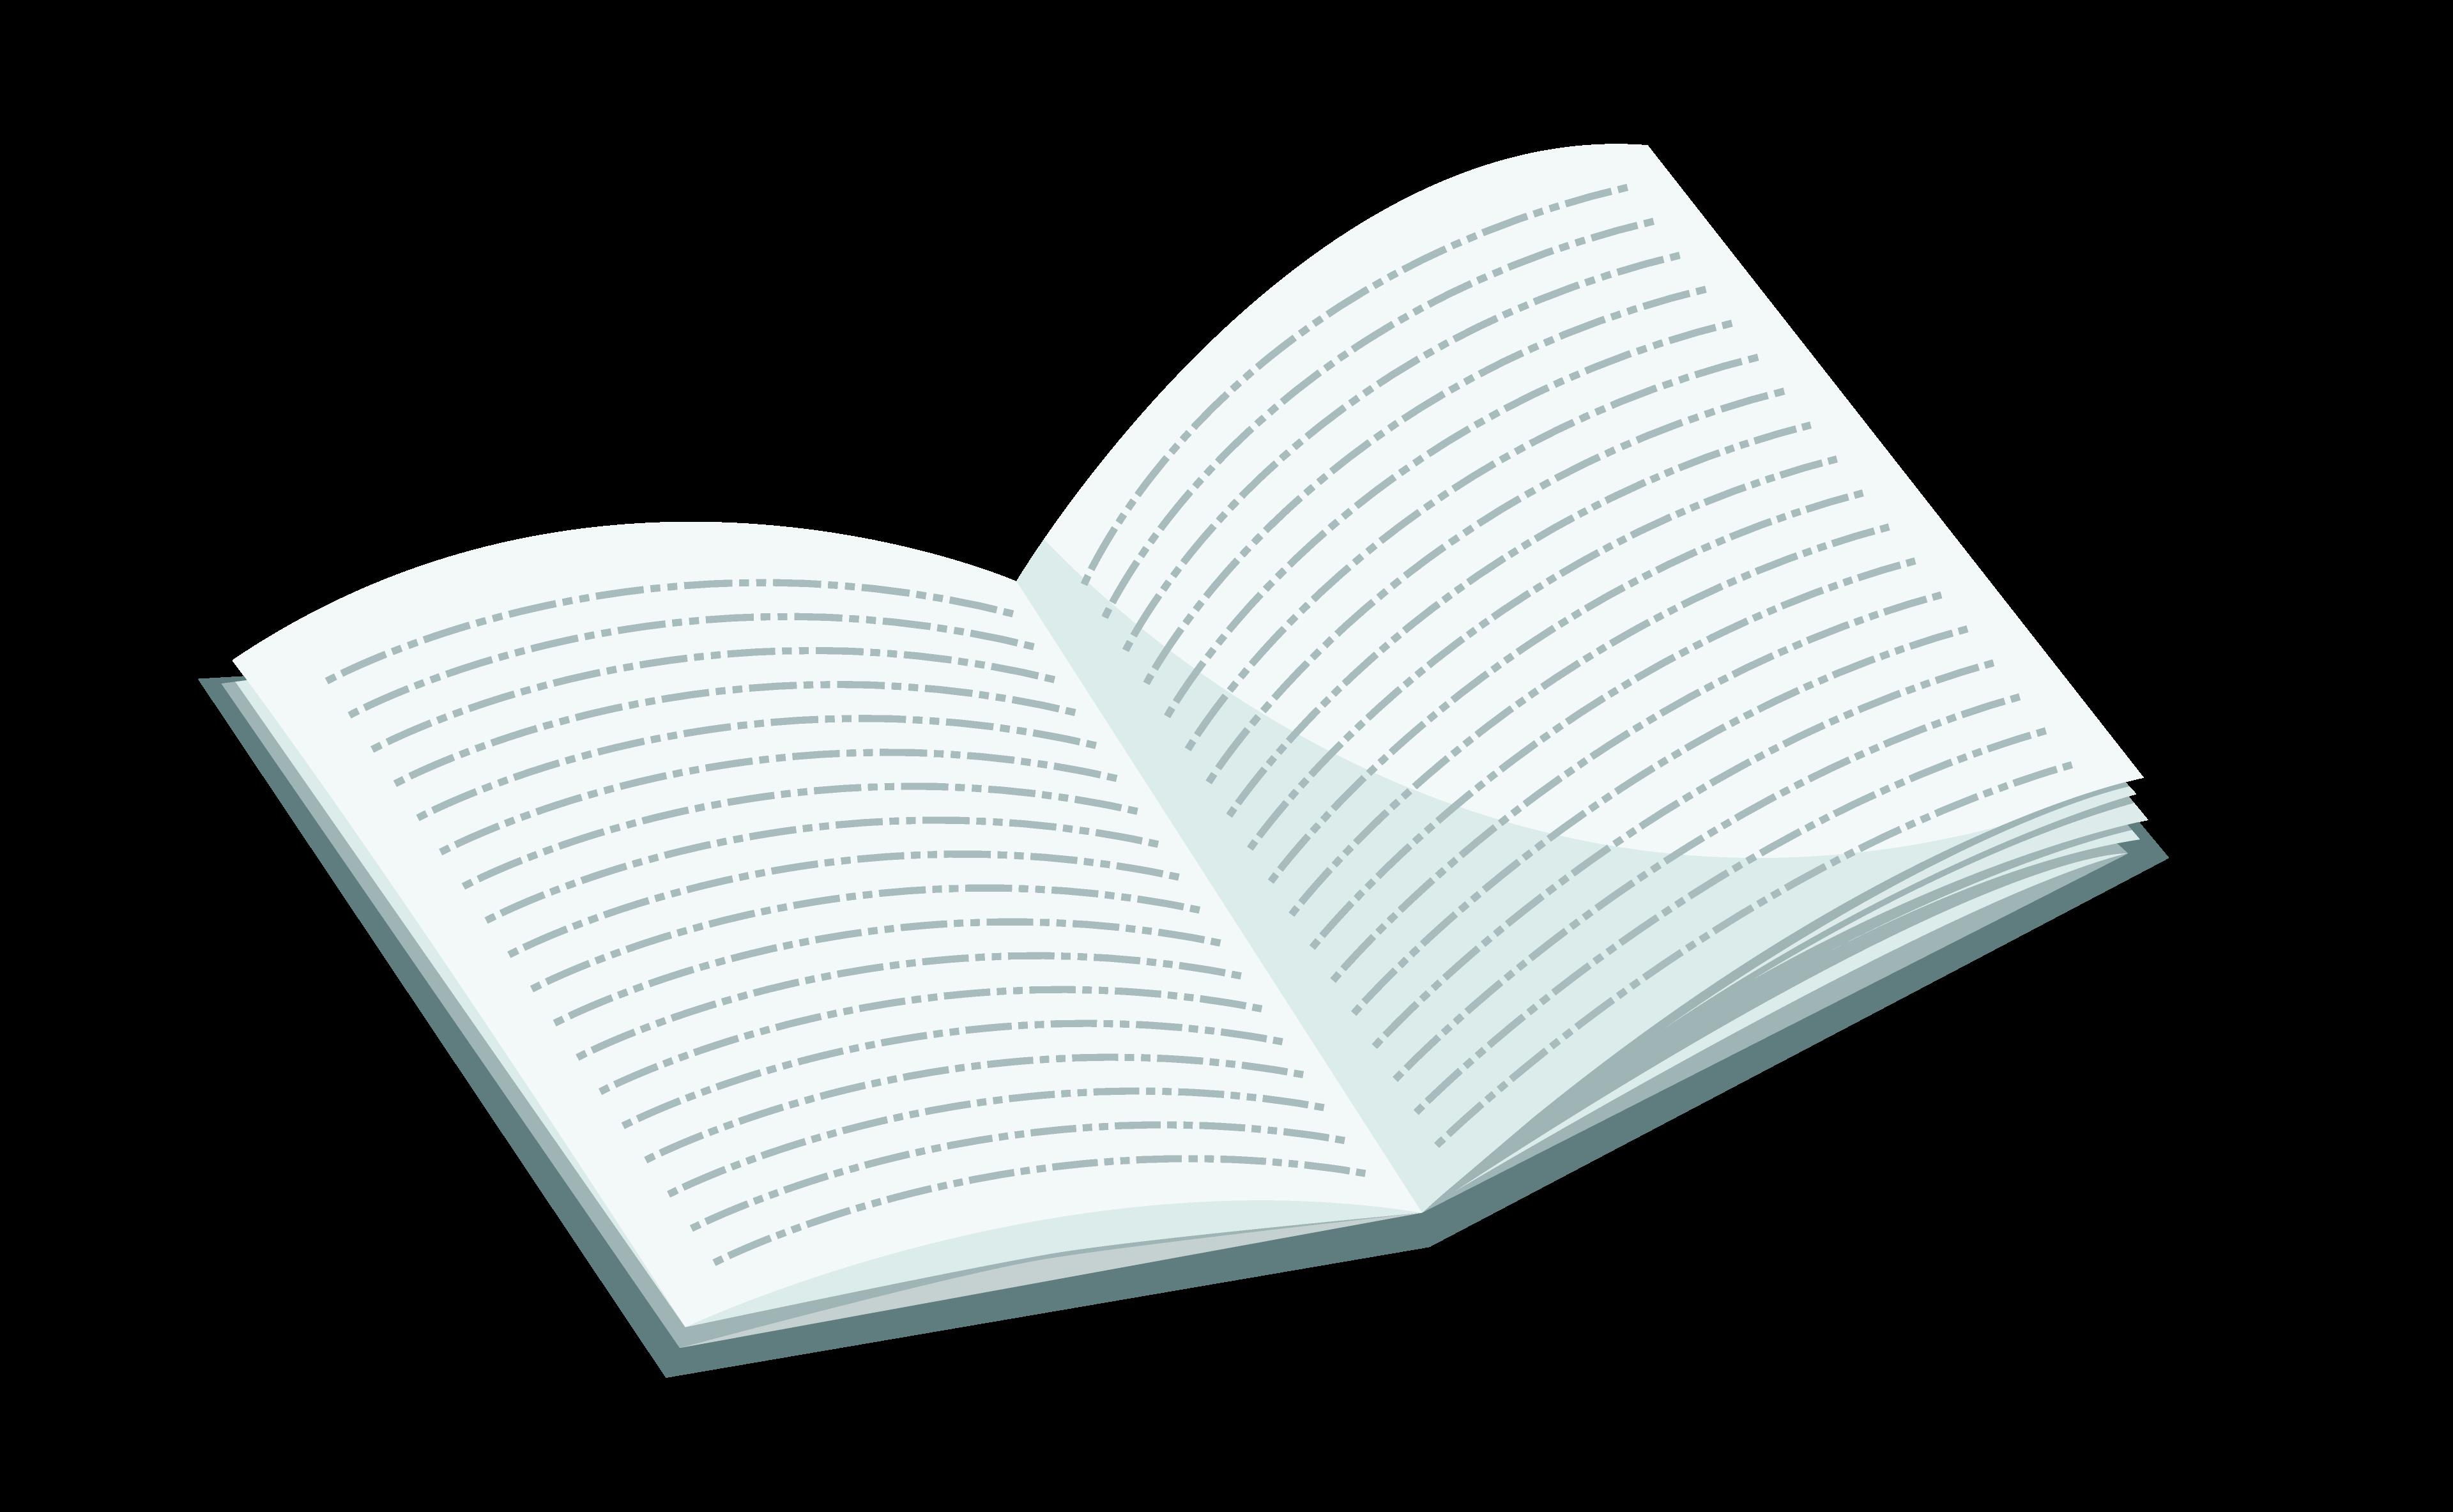 ilustracion de libro abierto